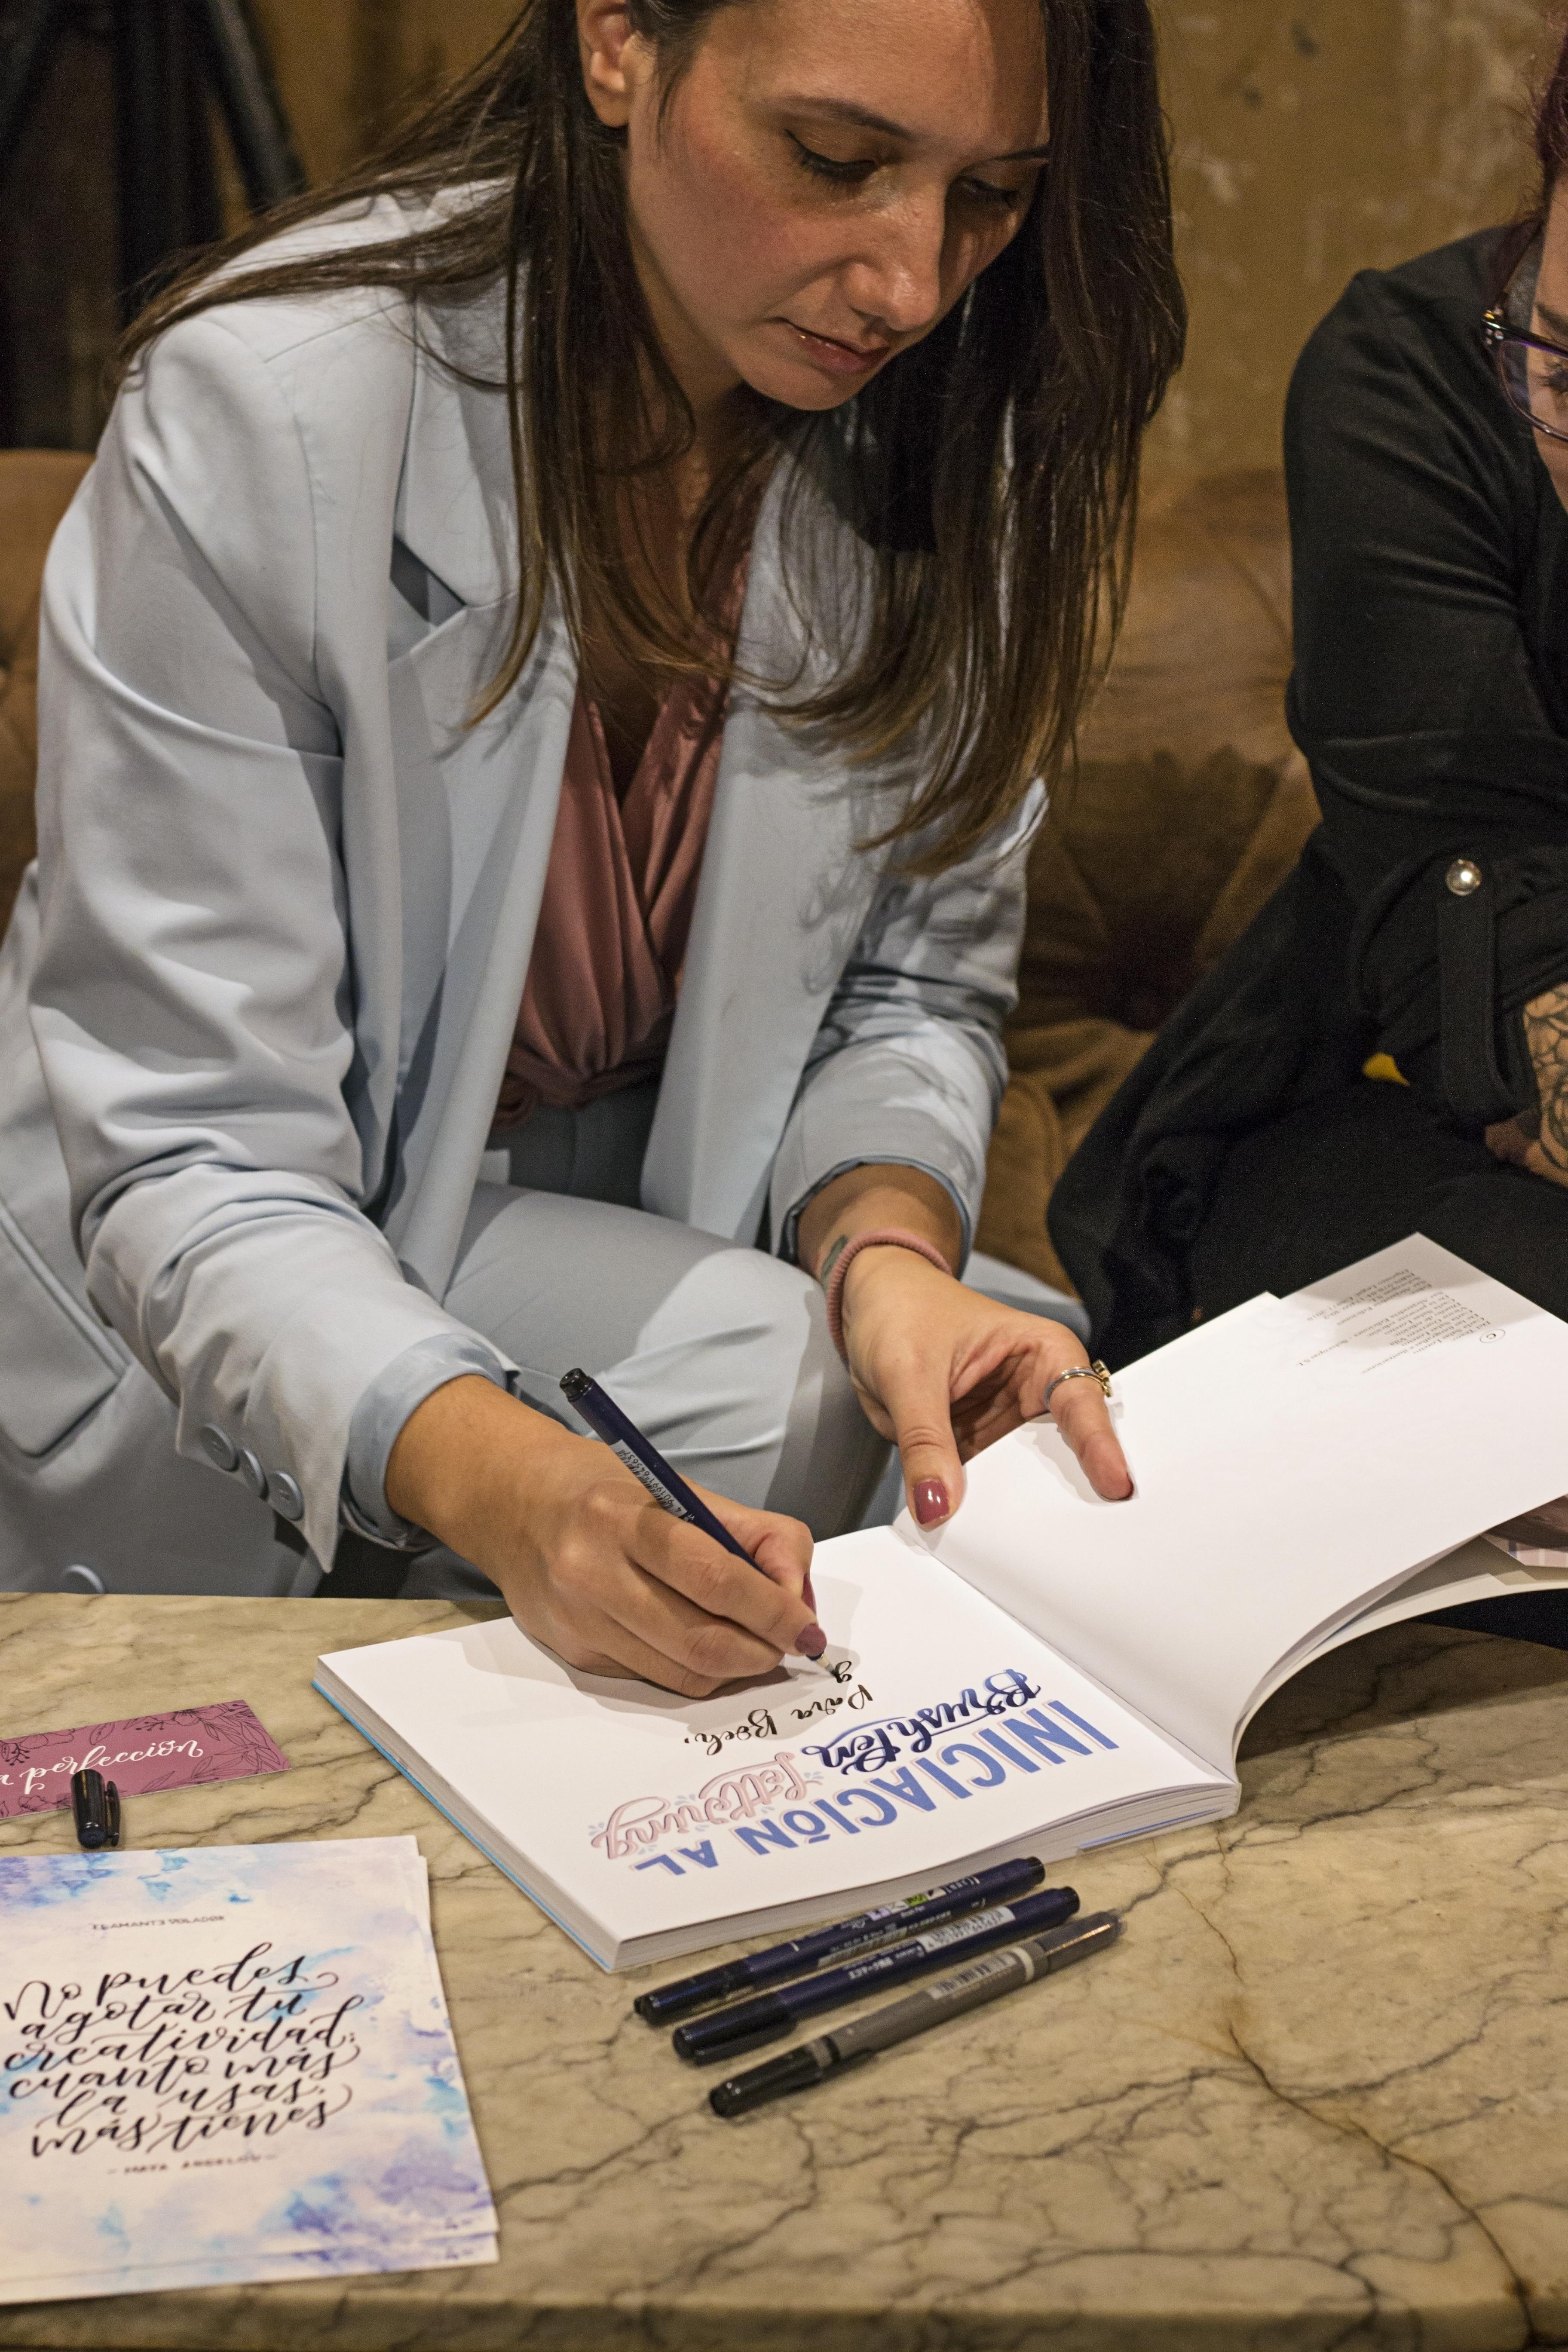 """Firma del libro """"Iniciación al Brush Pen Lettering"""" de Carla Salas, de El Amante Volador .Fotografía de Sada Tao."""